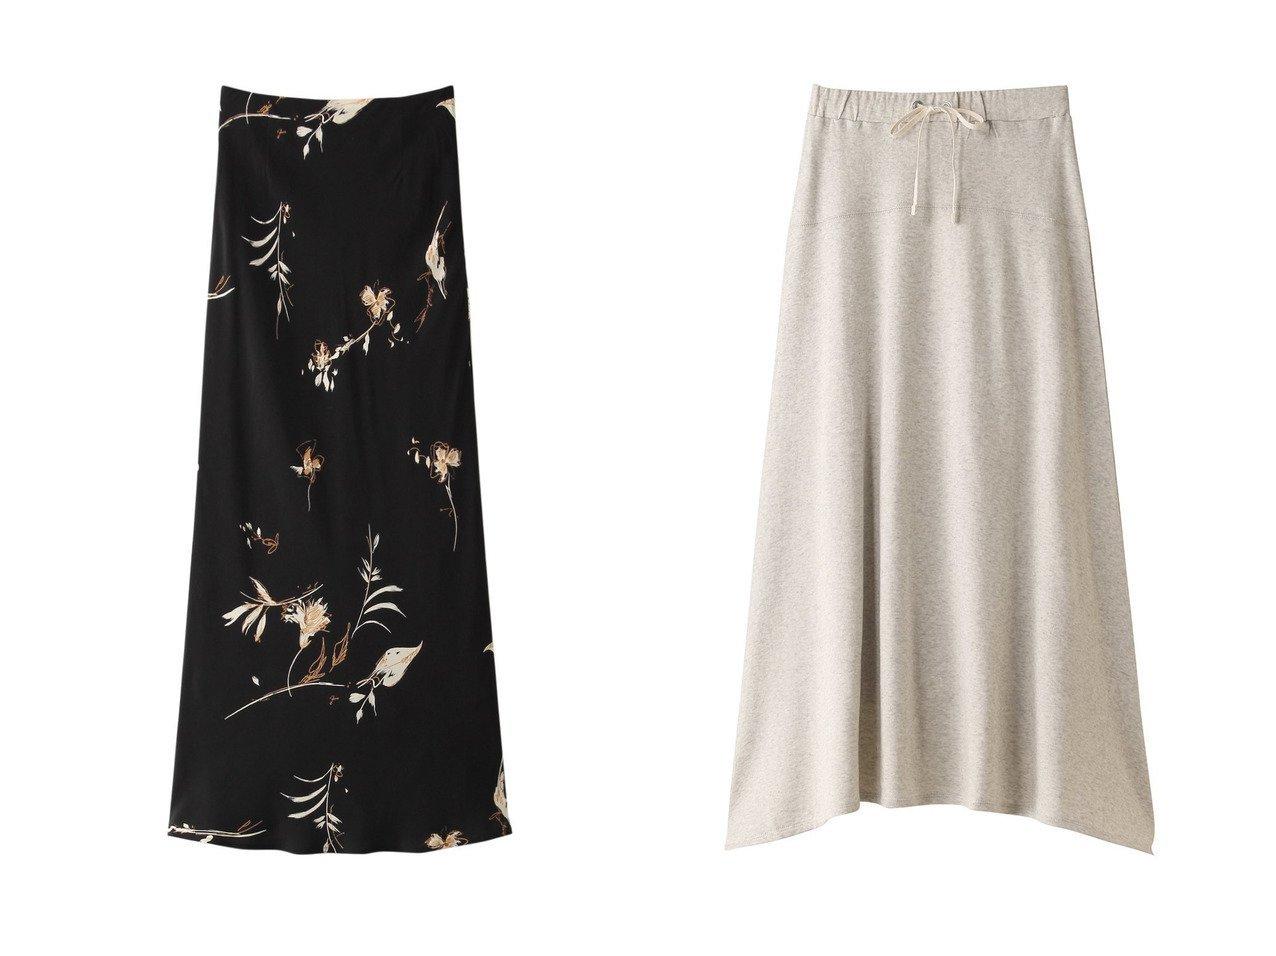 【heliopole/エリオポール】の【THREE DOTS】ドロストスカート&【SACRA/サクラ】のオータムフラワースカート 【スカート】おすすめ!人気、トレンド・レディースファッションの通販  おすすめで人気の流行・トレンド、ファッションの通販商品 インテリア・家具・メンズファッション・キッズファッション・レディースファッション・服の通販 founy(ファニー) https://founy.com/ ファッション Fashion レディースファッション WOMEN スカート Skirt ロングスカート Long Skirt 2020年 2020 2020-2021秋冬・A/W AW・Autumn/Winter・FW・Fall-Winter/2020-2021 2021年 2021 2021-2022秋冬・A/W AW・Autumn/Winter・FW・Fall-Winter・2021-2022 A/W・秋冬 AW・Autumn/Winter・FW・Fall-Winter バイアス フラワー プリント モチーフ ロング 秋 Autumn/Fall おすすめ Recommend イレギュラー シンプル セットアップ メランジ  ID:crp329100000062285